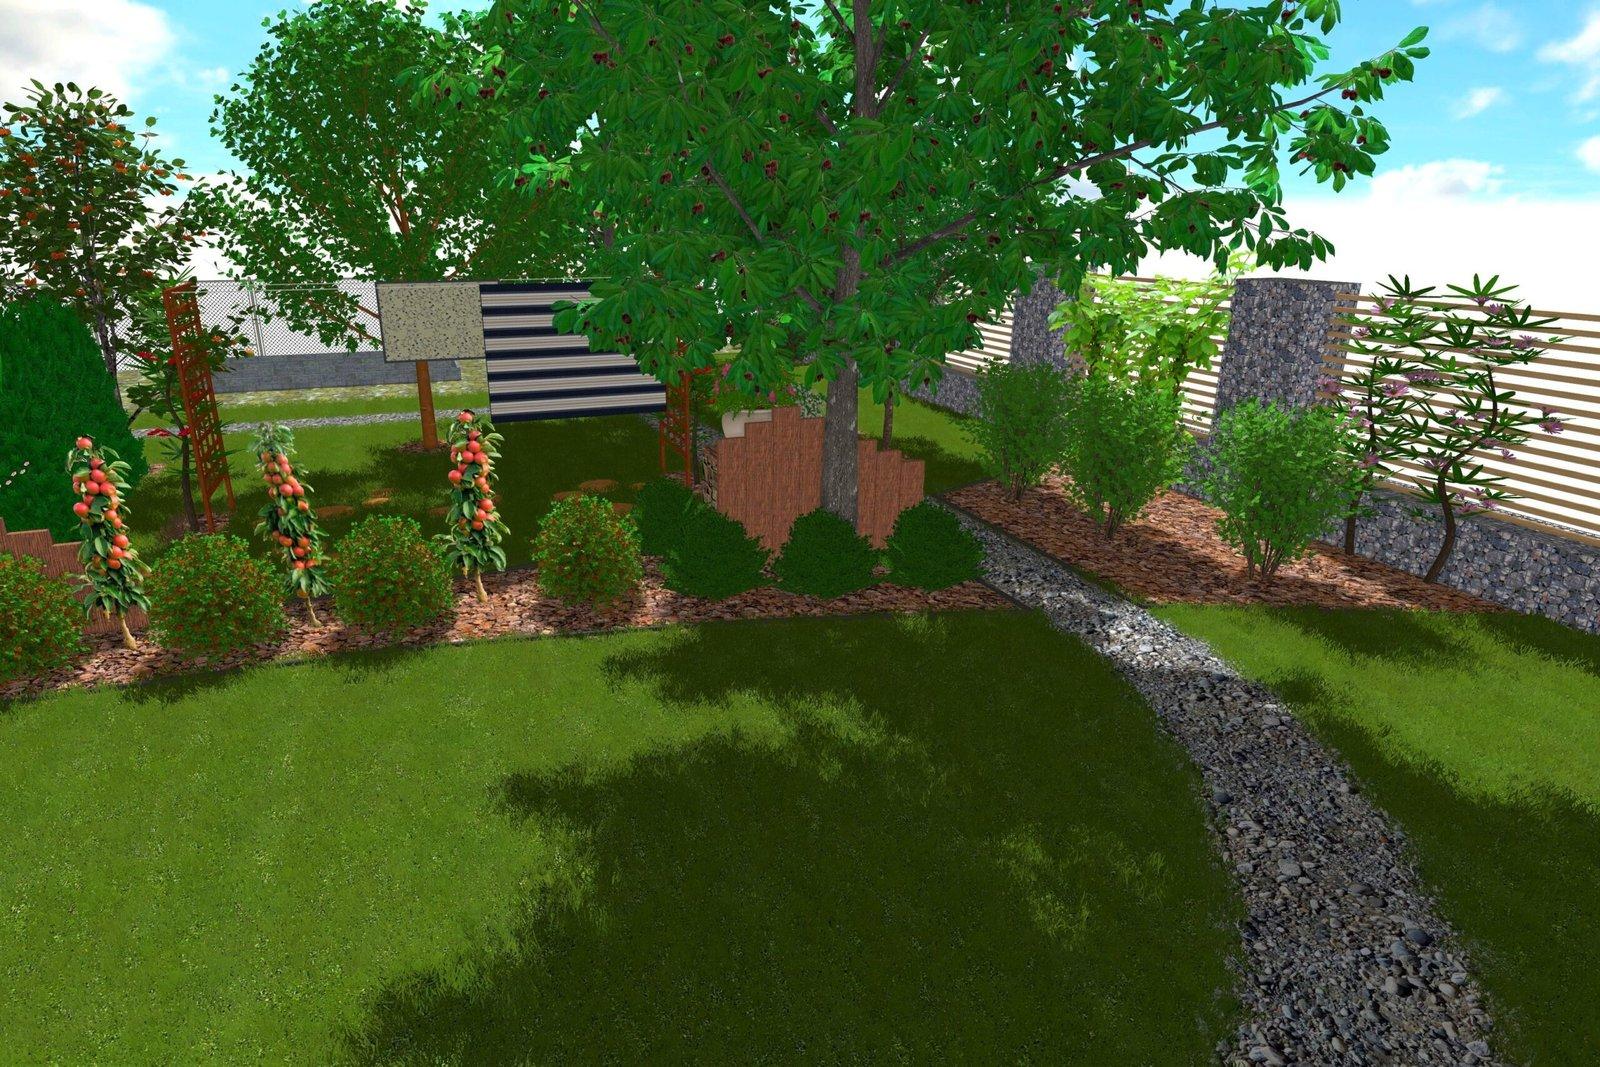 территория для отдыха в саду, террасная доска место отдыха